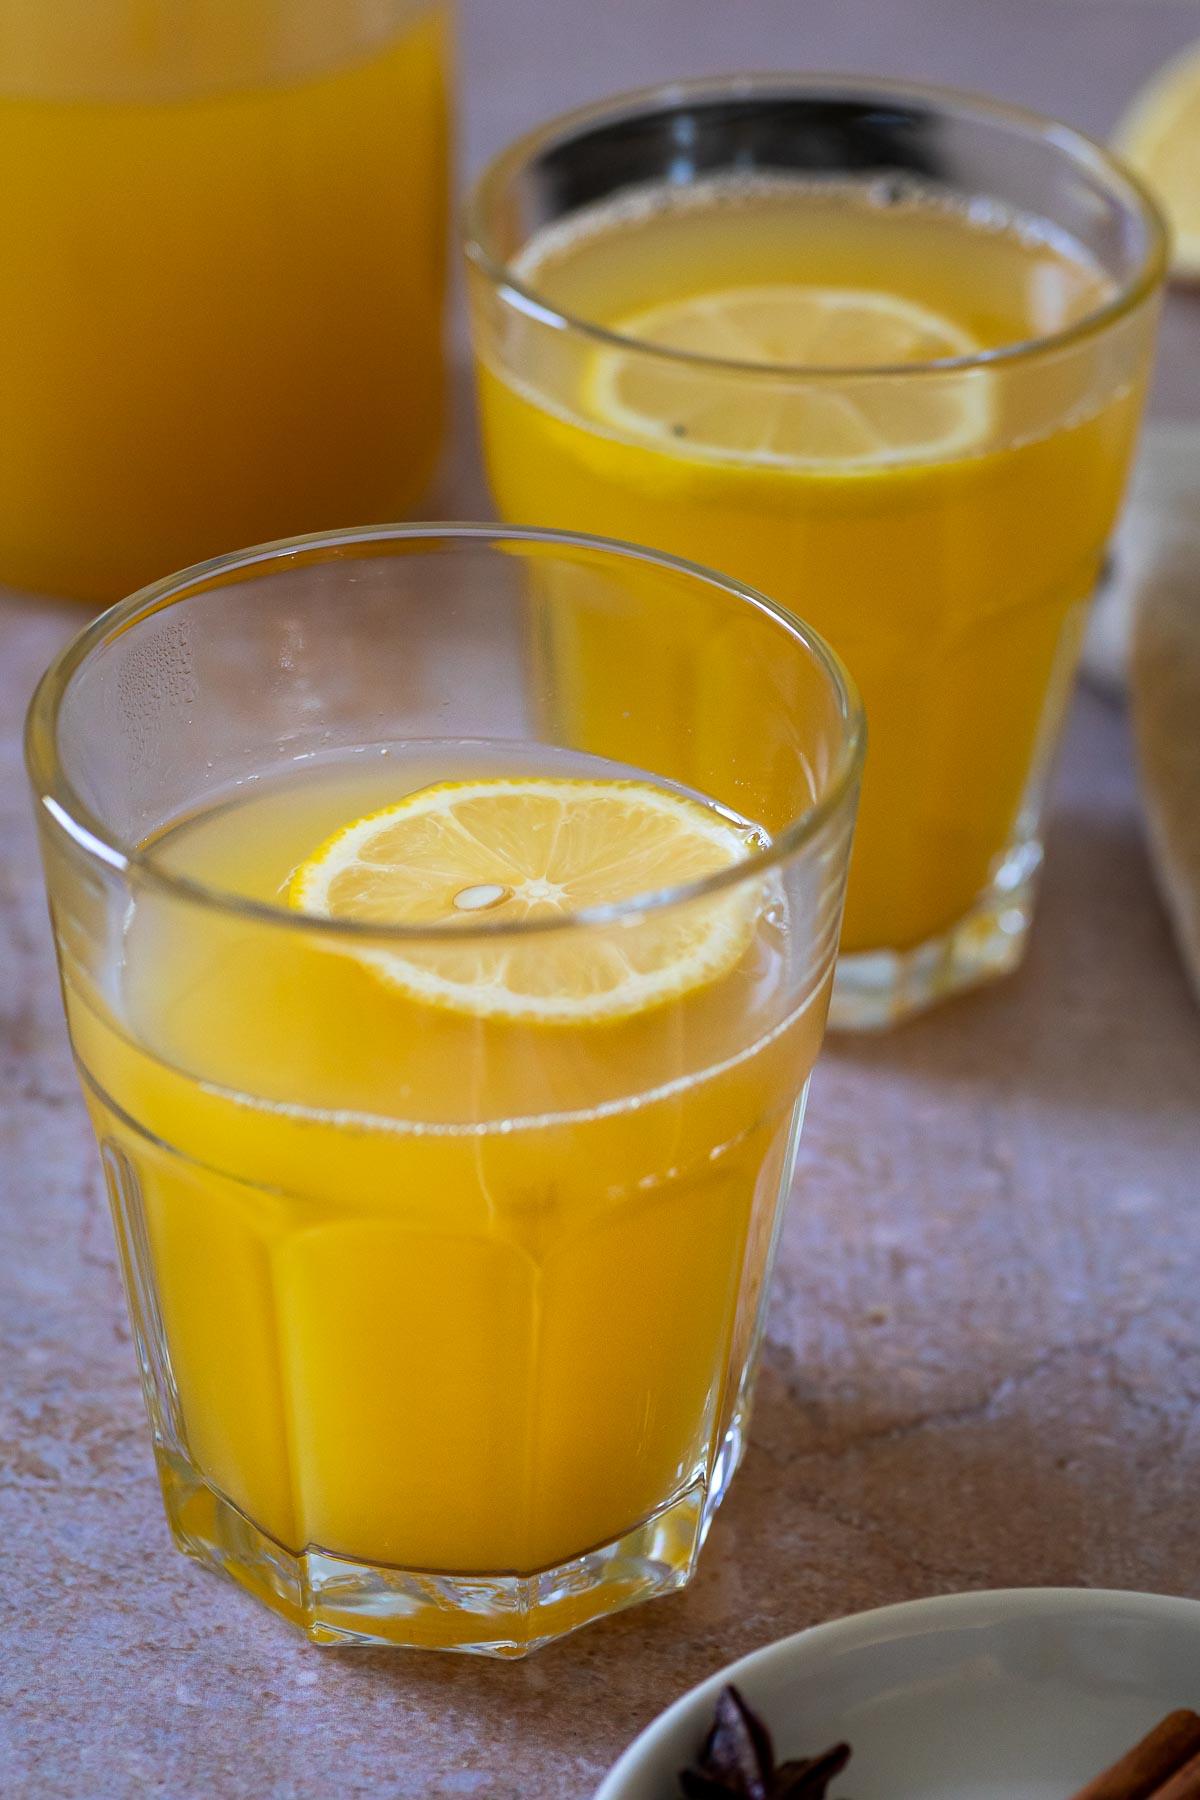 2 Gläser mit warmer Winterlimonade mit einer Zitronenscheibe darüber.